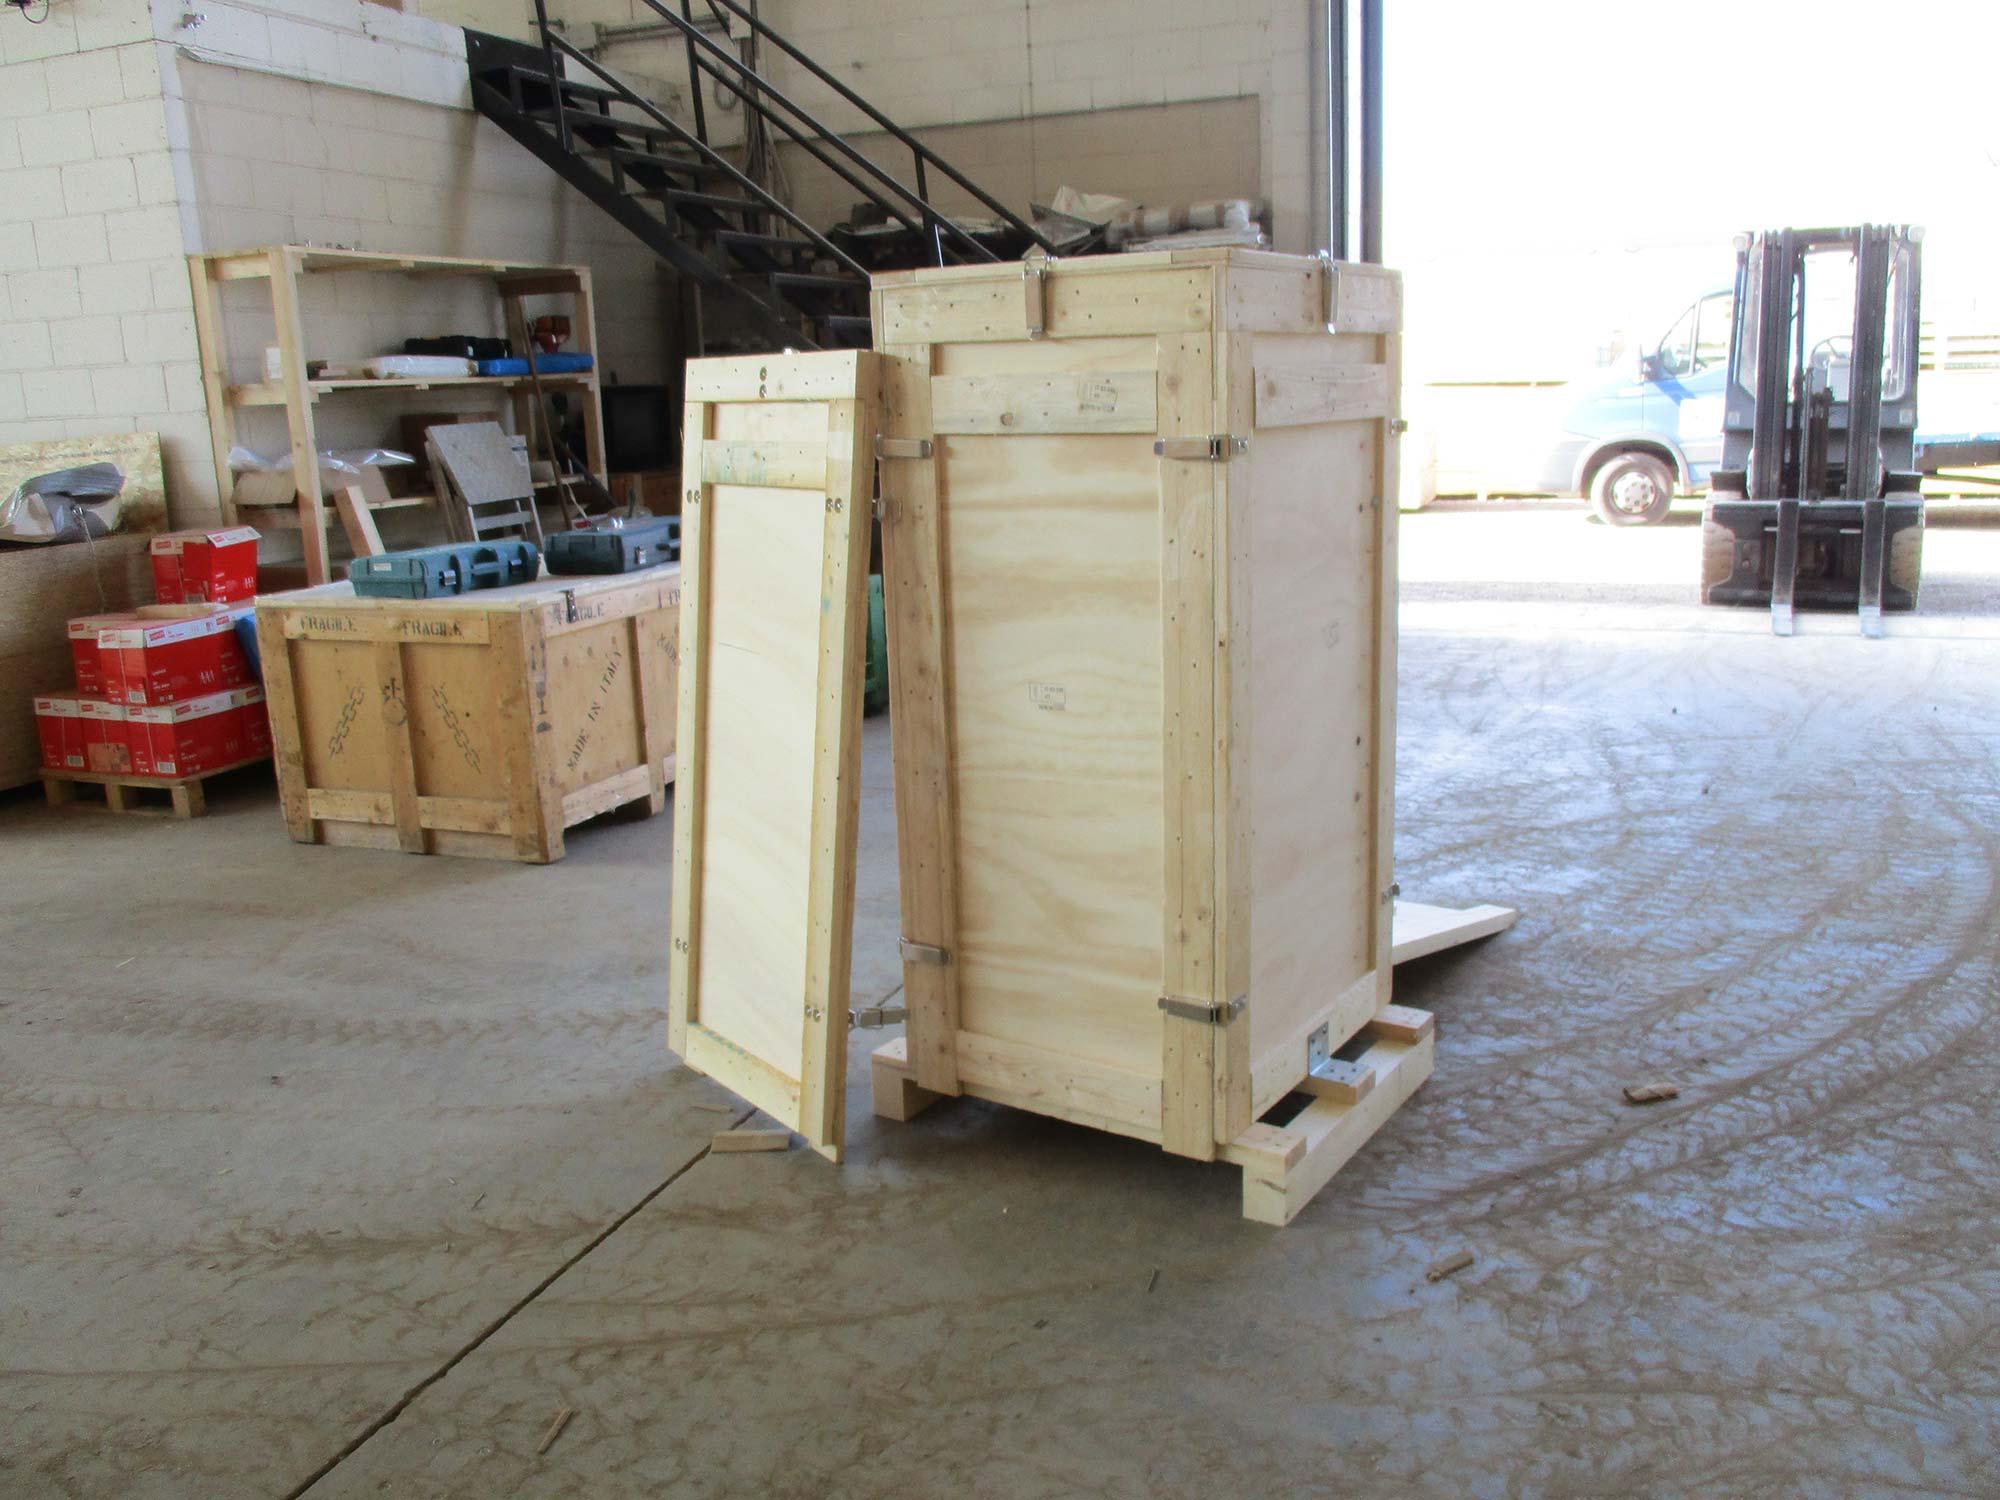 Lavorazione in legno su misura alla ditta Solo Imballaggi in Gerenzano